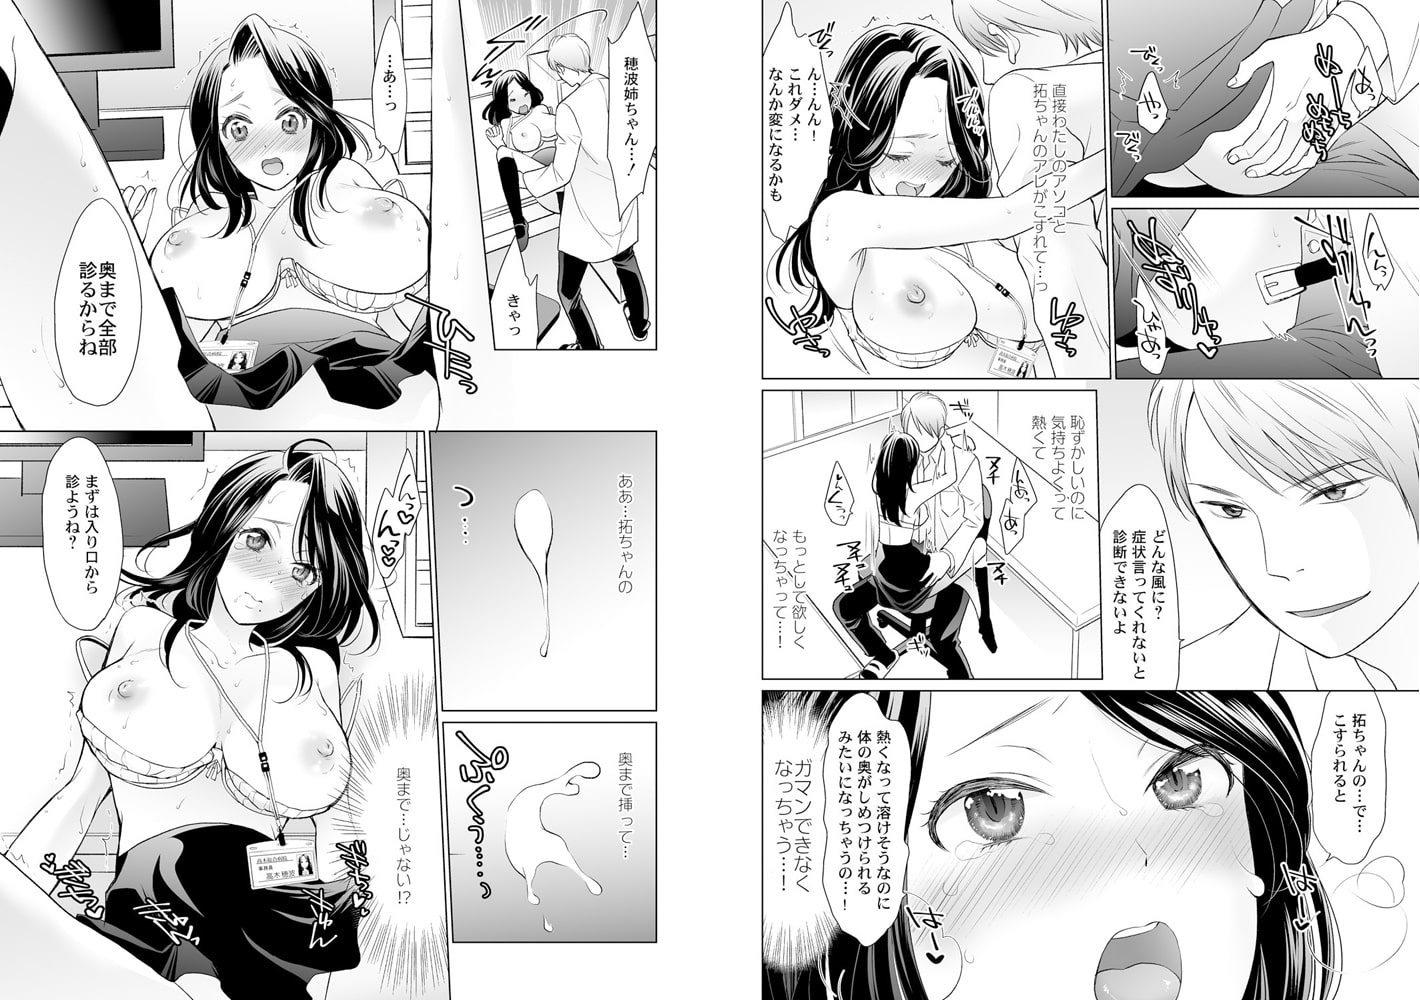 オトナのお医者さんごっこ~おっぱいの先に聴診器当てちゃダメェ!~ 1巻